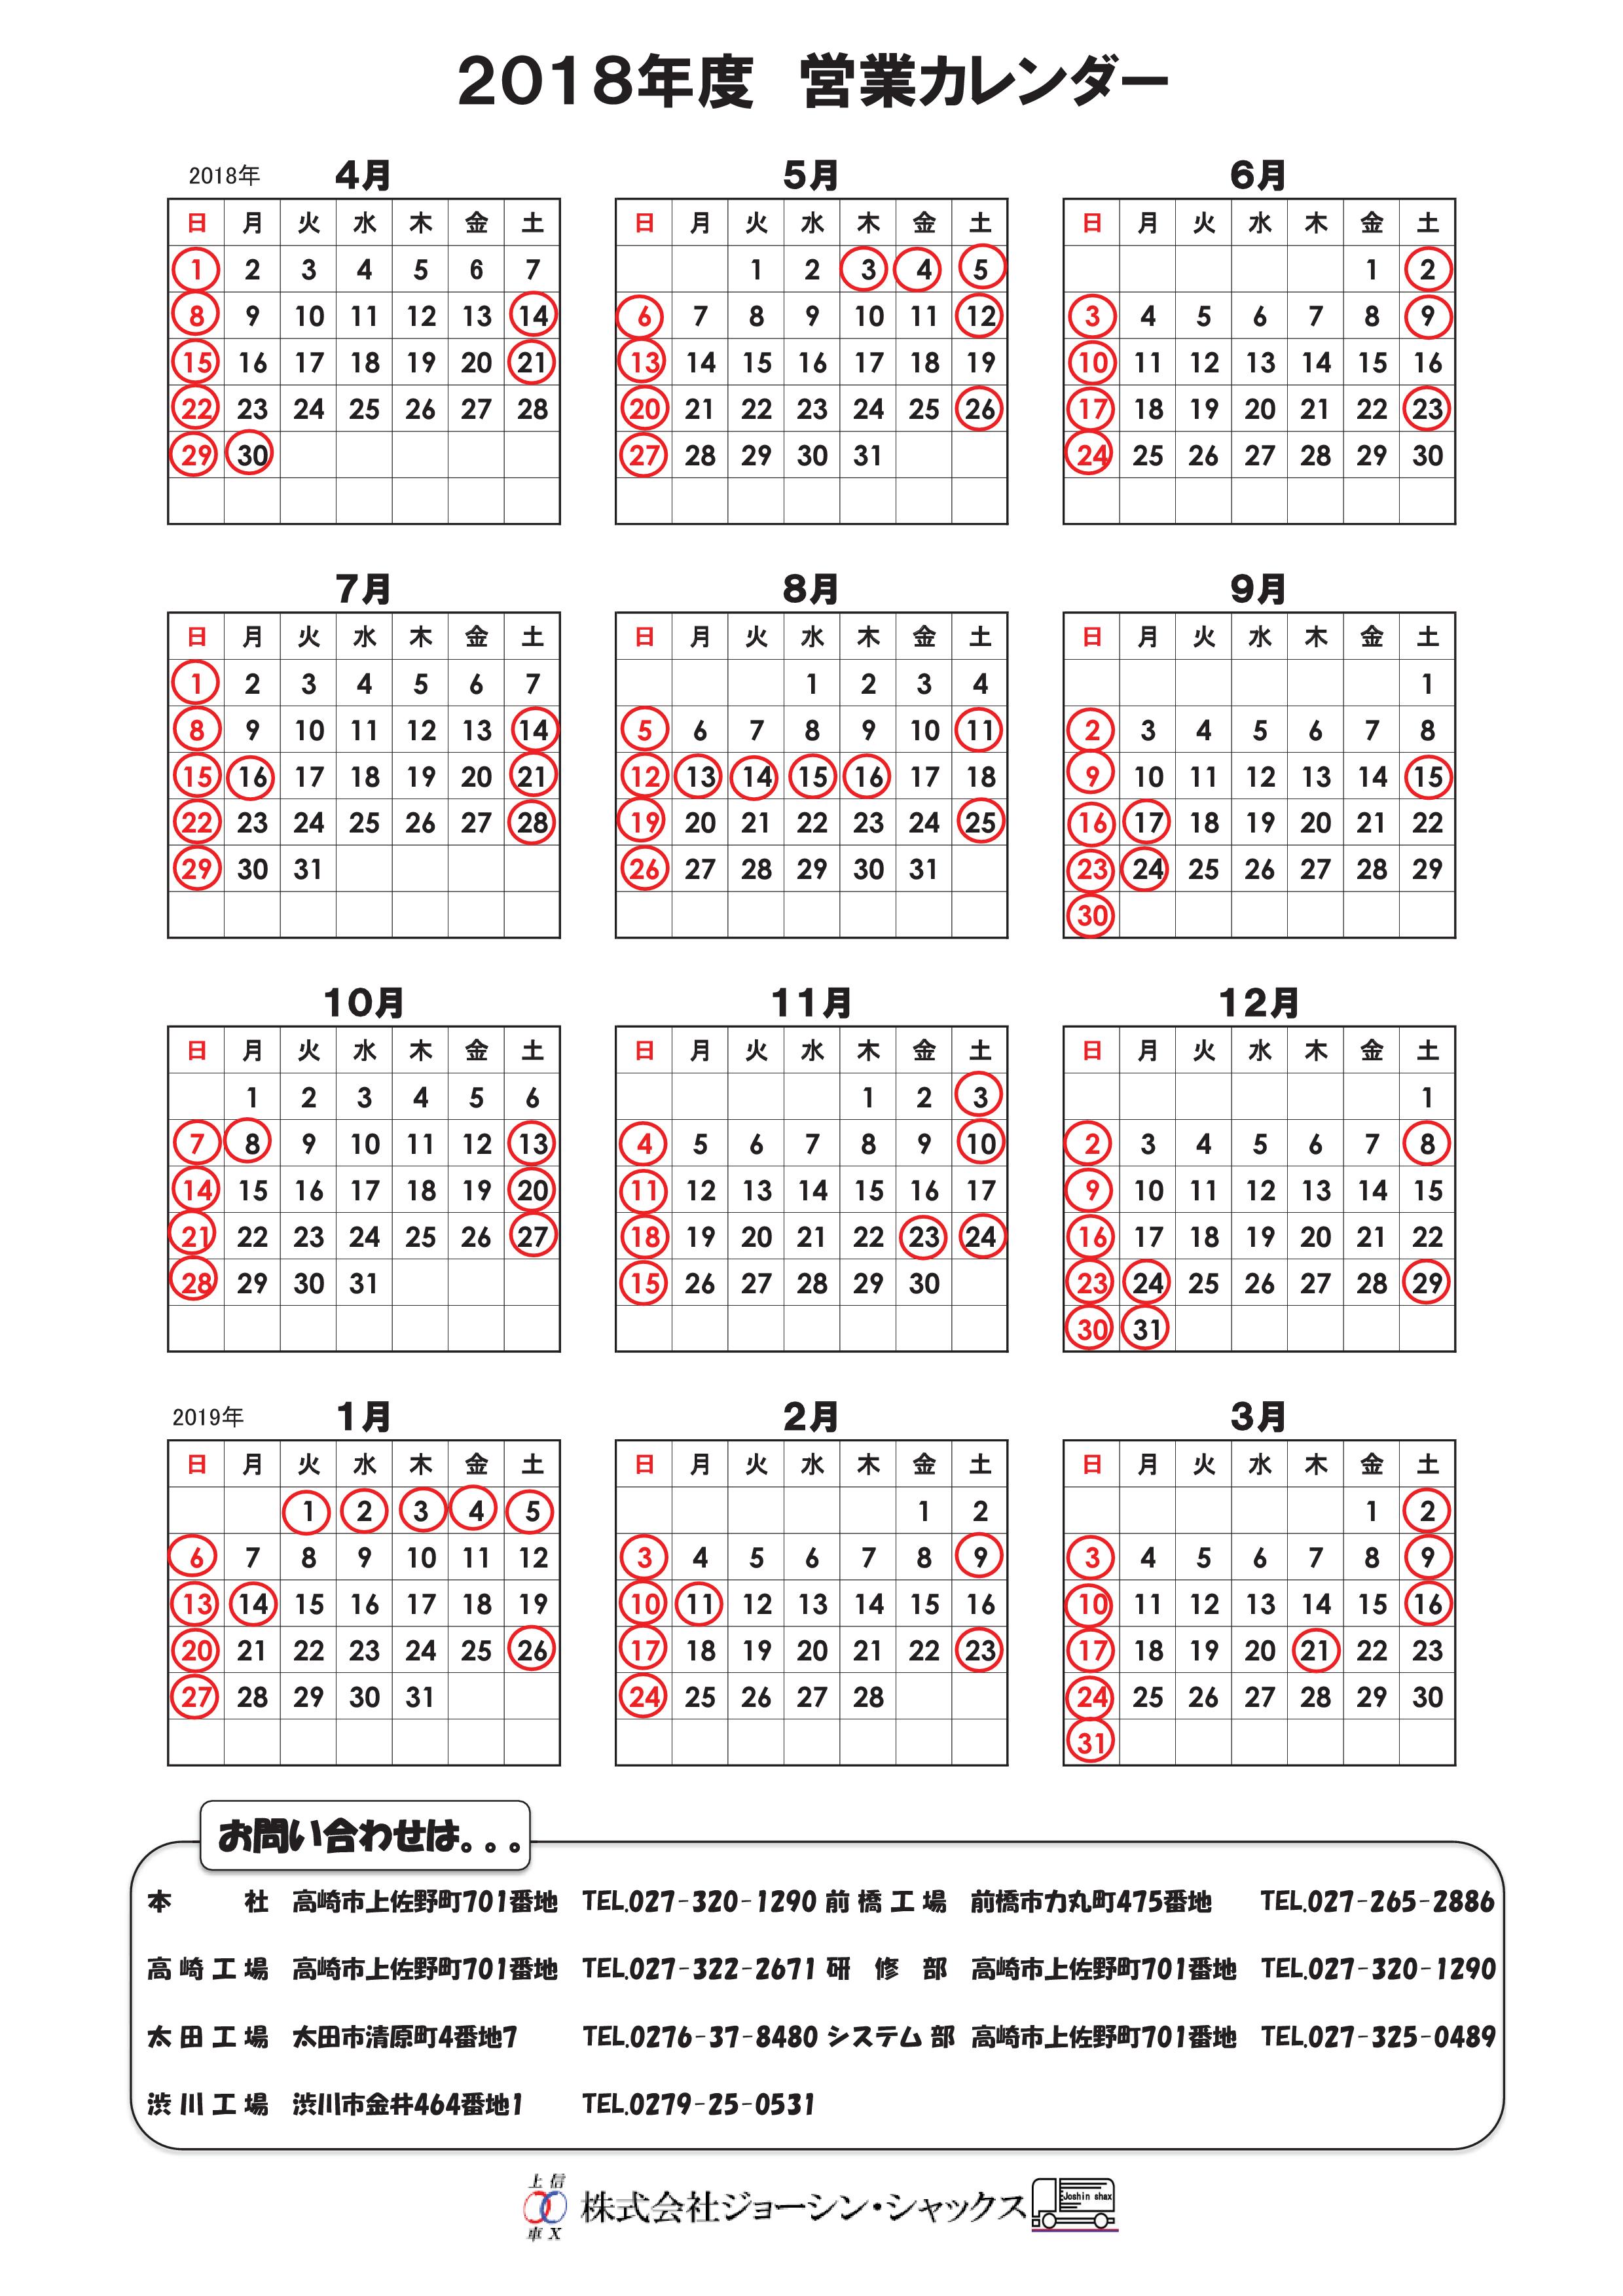 営業日カレンダー | 株式会社ジ...